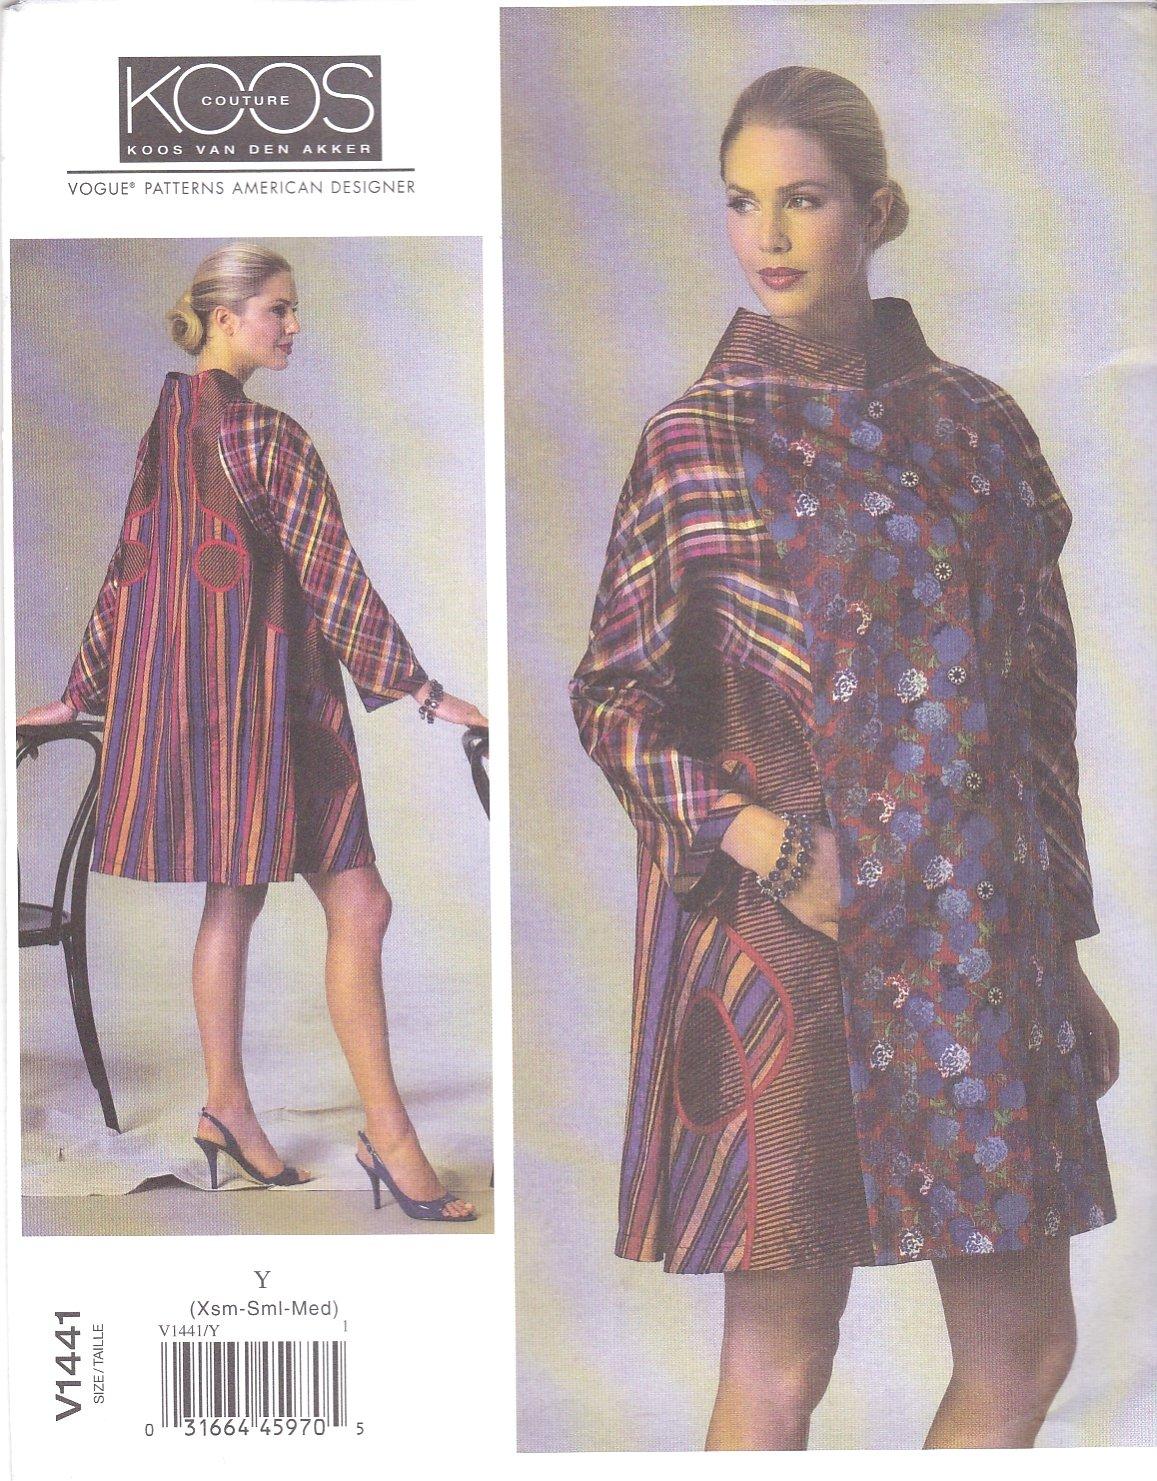 Vogue Sewing Pattern 1441 V1441 Misses Size 16-26 Koos Van Den Akker Designer Unlined Coat